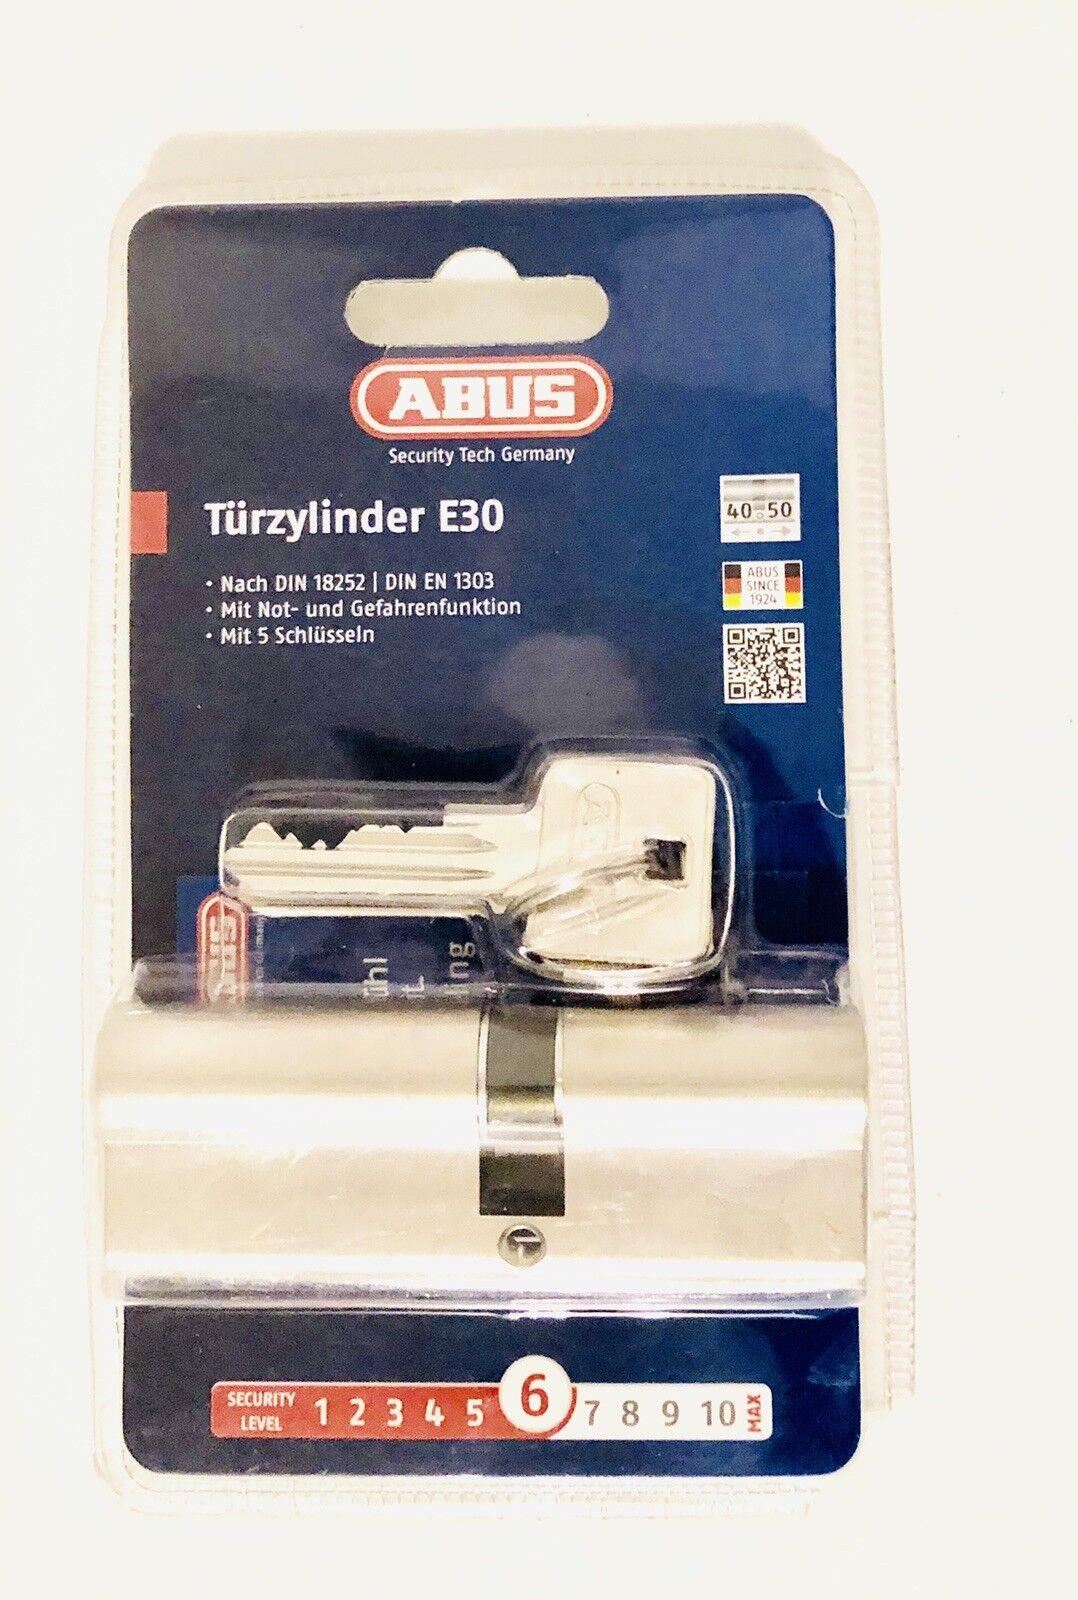 """ABUS Profilzylinder """"E30"""" 59818 59818 59818 Zylinder E30 40 50    Schöne Kunst    Moderate Kosten    Genialität    Haltbarkeit  891b04"""